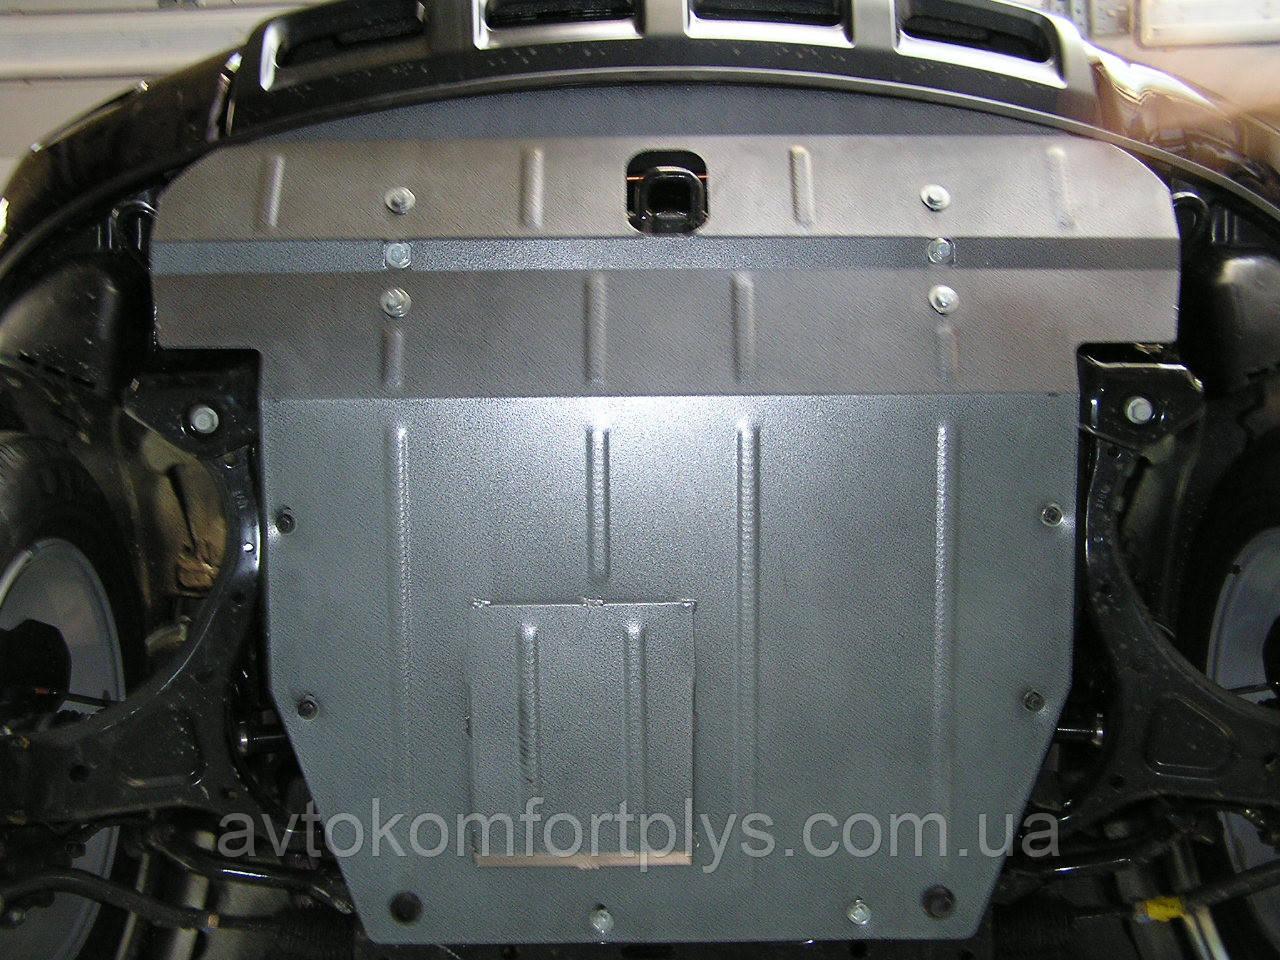 Металлическая (стальная) защита двигателя (картера) Hyundai Veracruz/IX55 (2007-2012) (V-3,0;3,8)